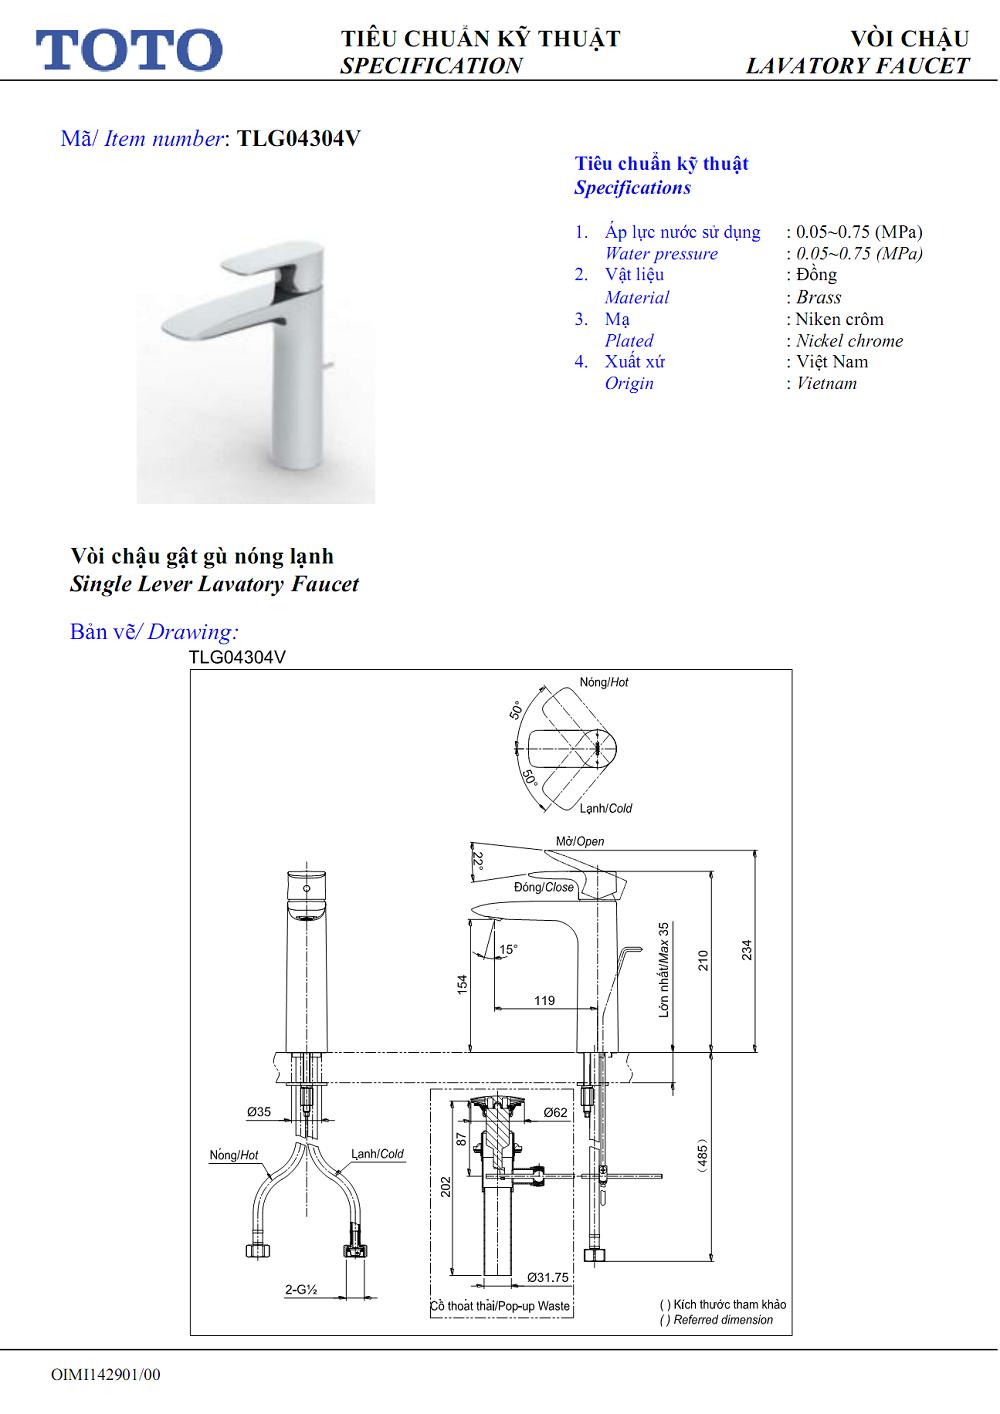 Thông số kỹ thuật Vòi chậu TOTO nóng lạnh TLG04304V